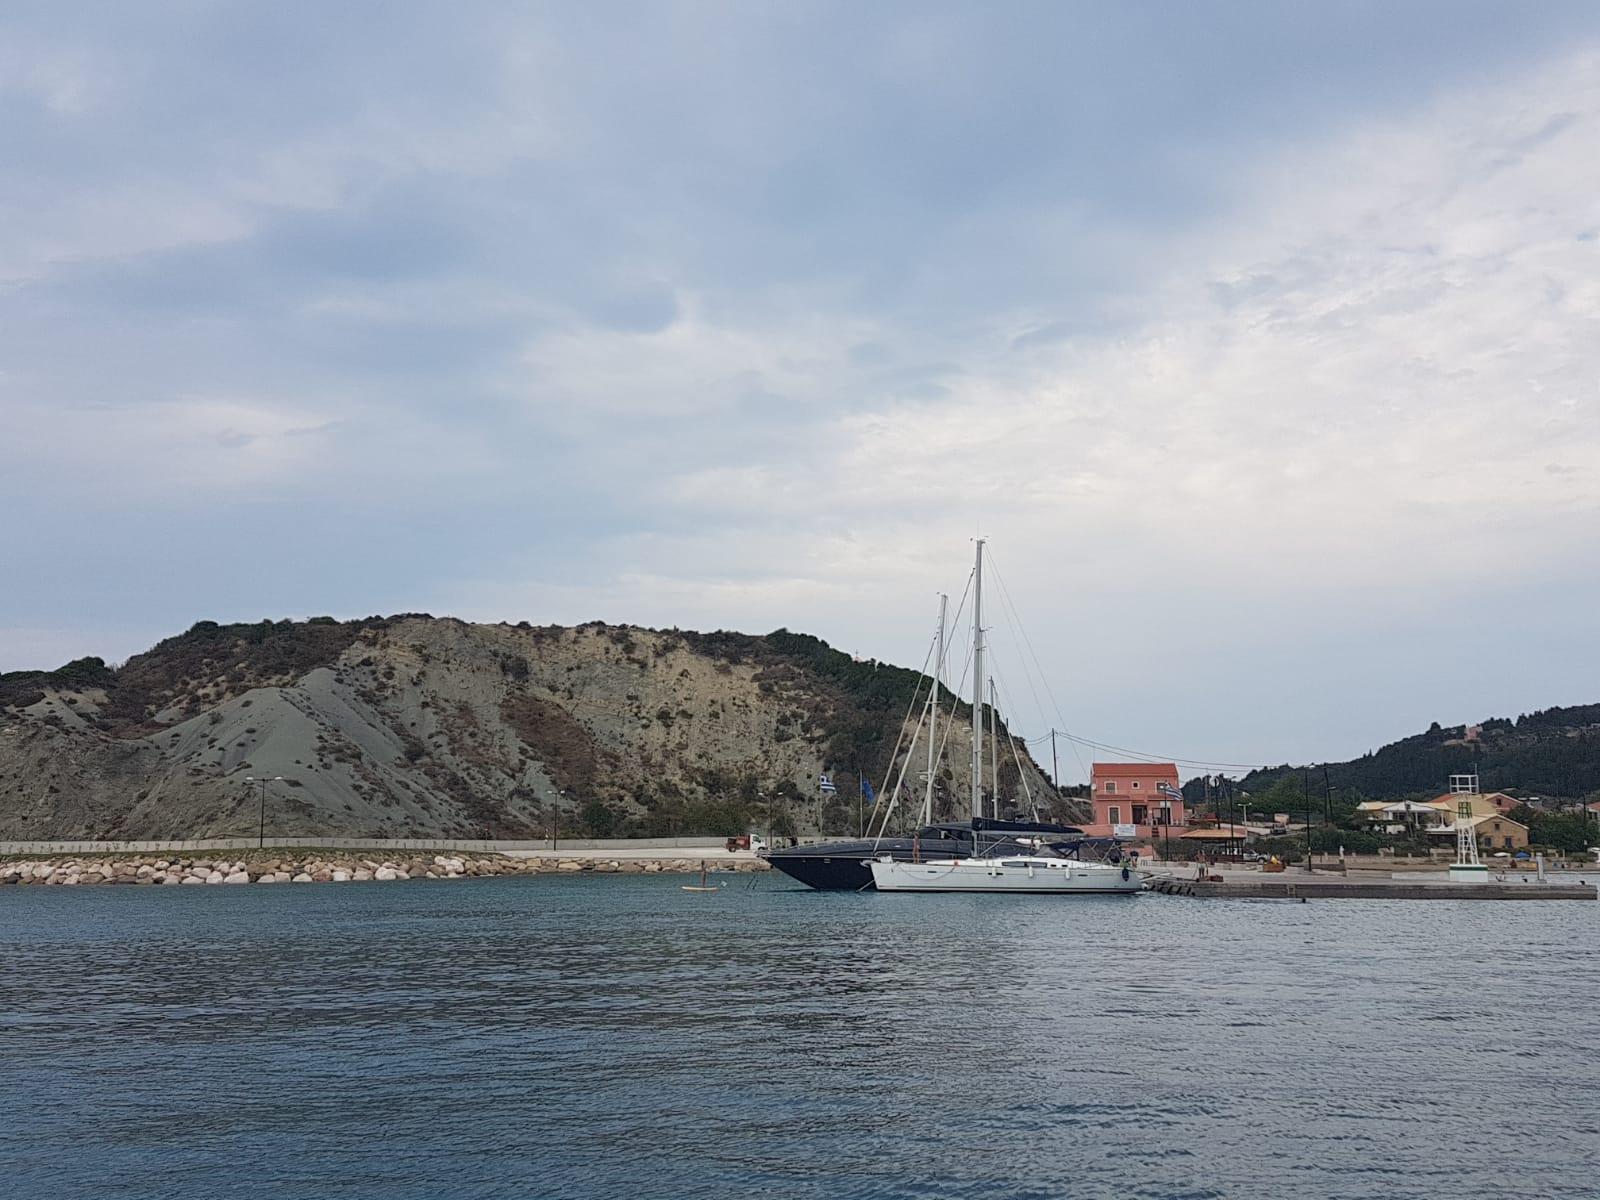 Immagine che contiene acqua, esterni, montagna, barca  Descrizione generata automaticamente